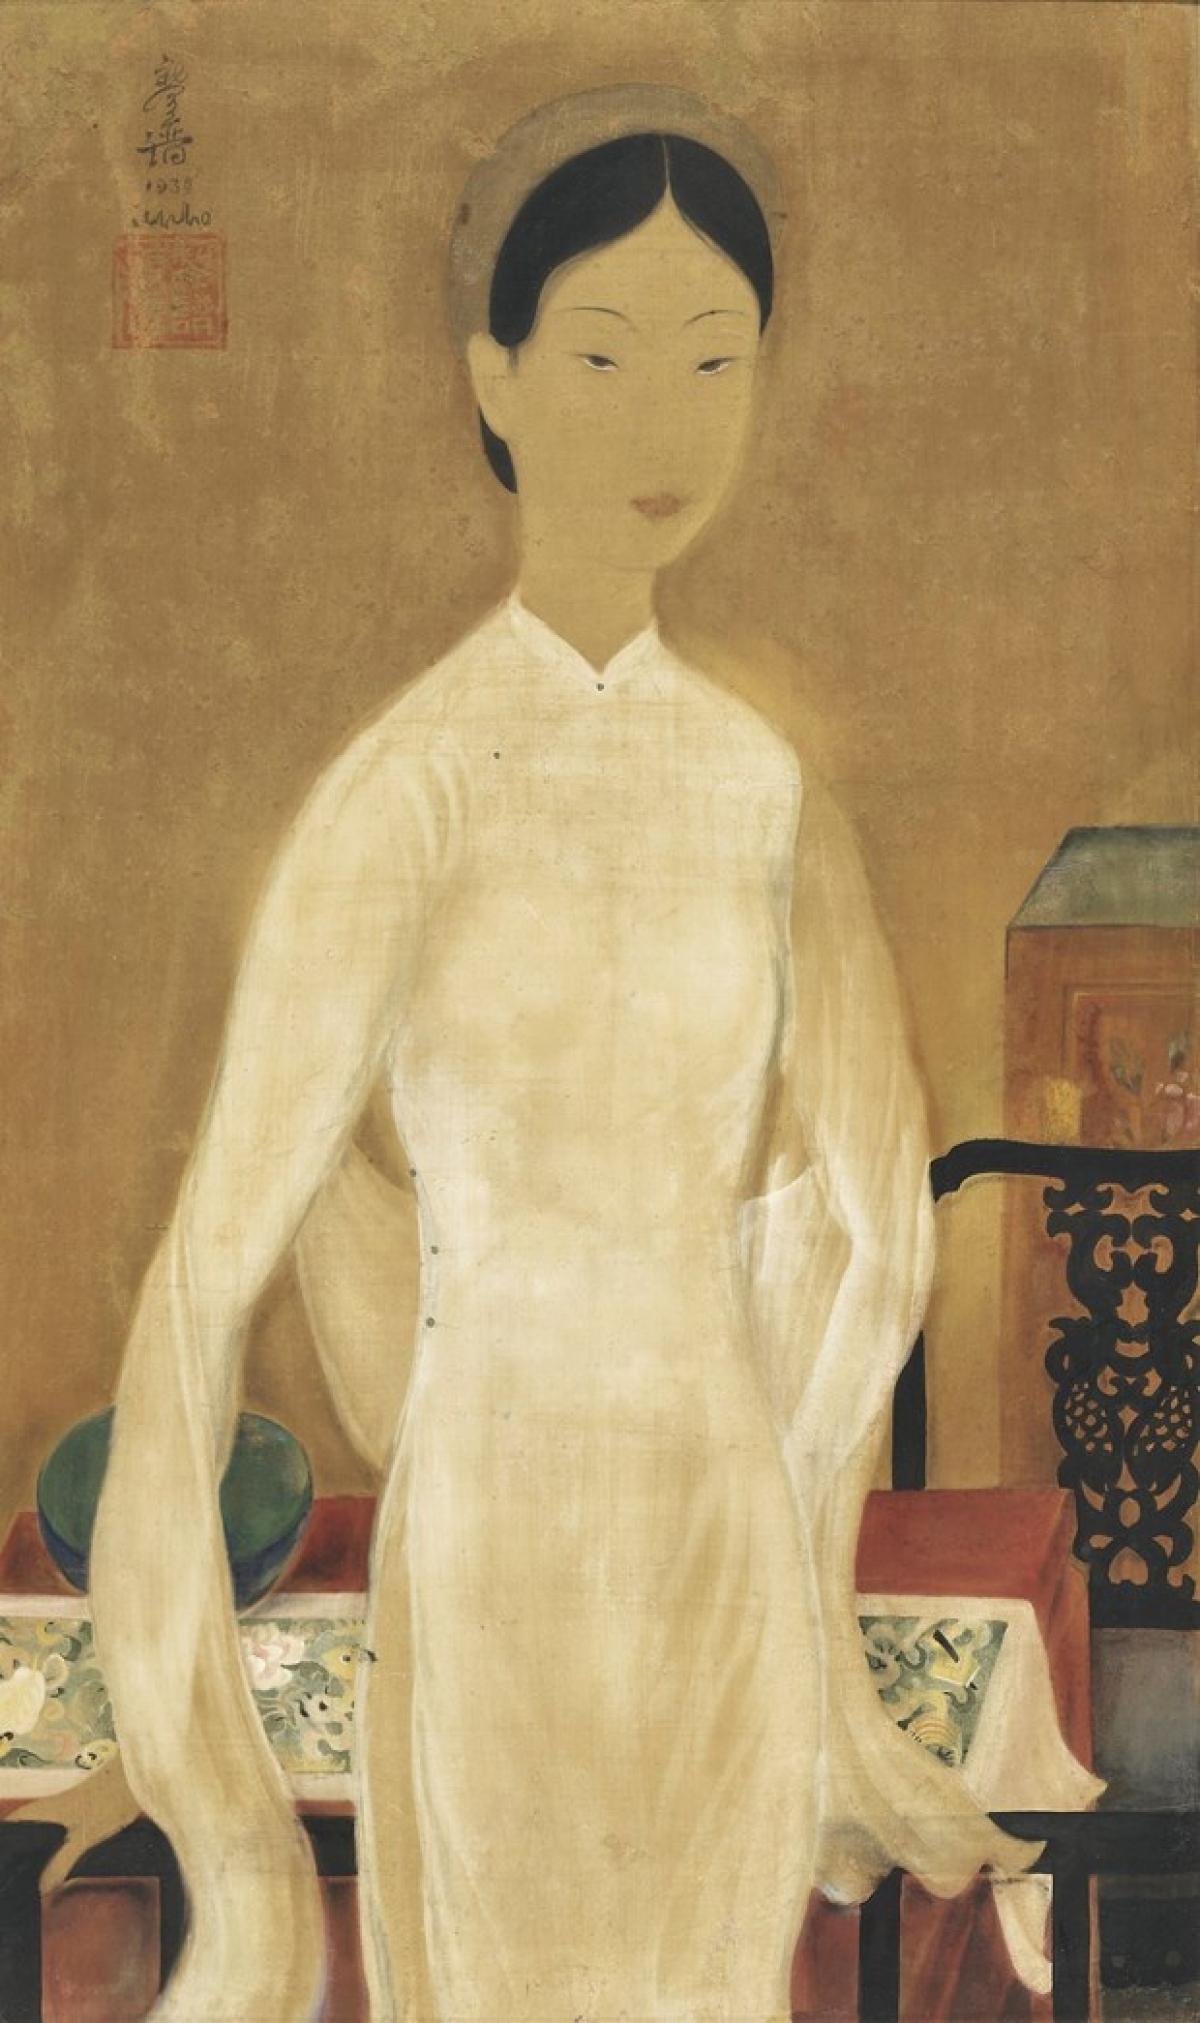 ''Chiếc bát xanh'' của Lê Phổ trên chất liệu lụa. (Ảnh tư liệu)